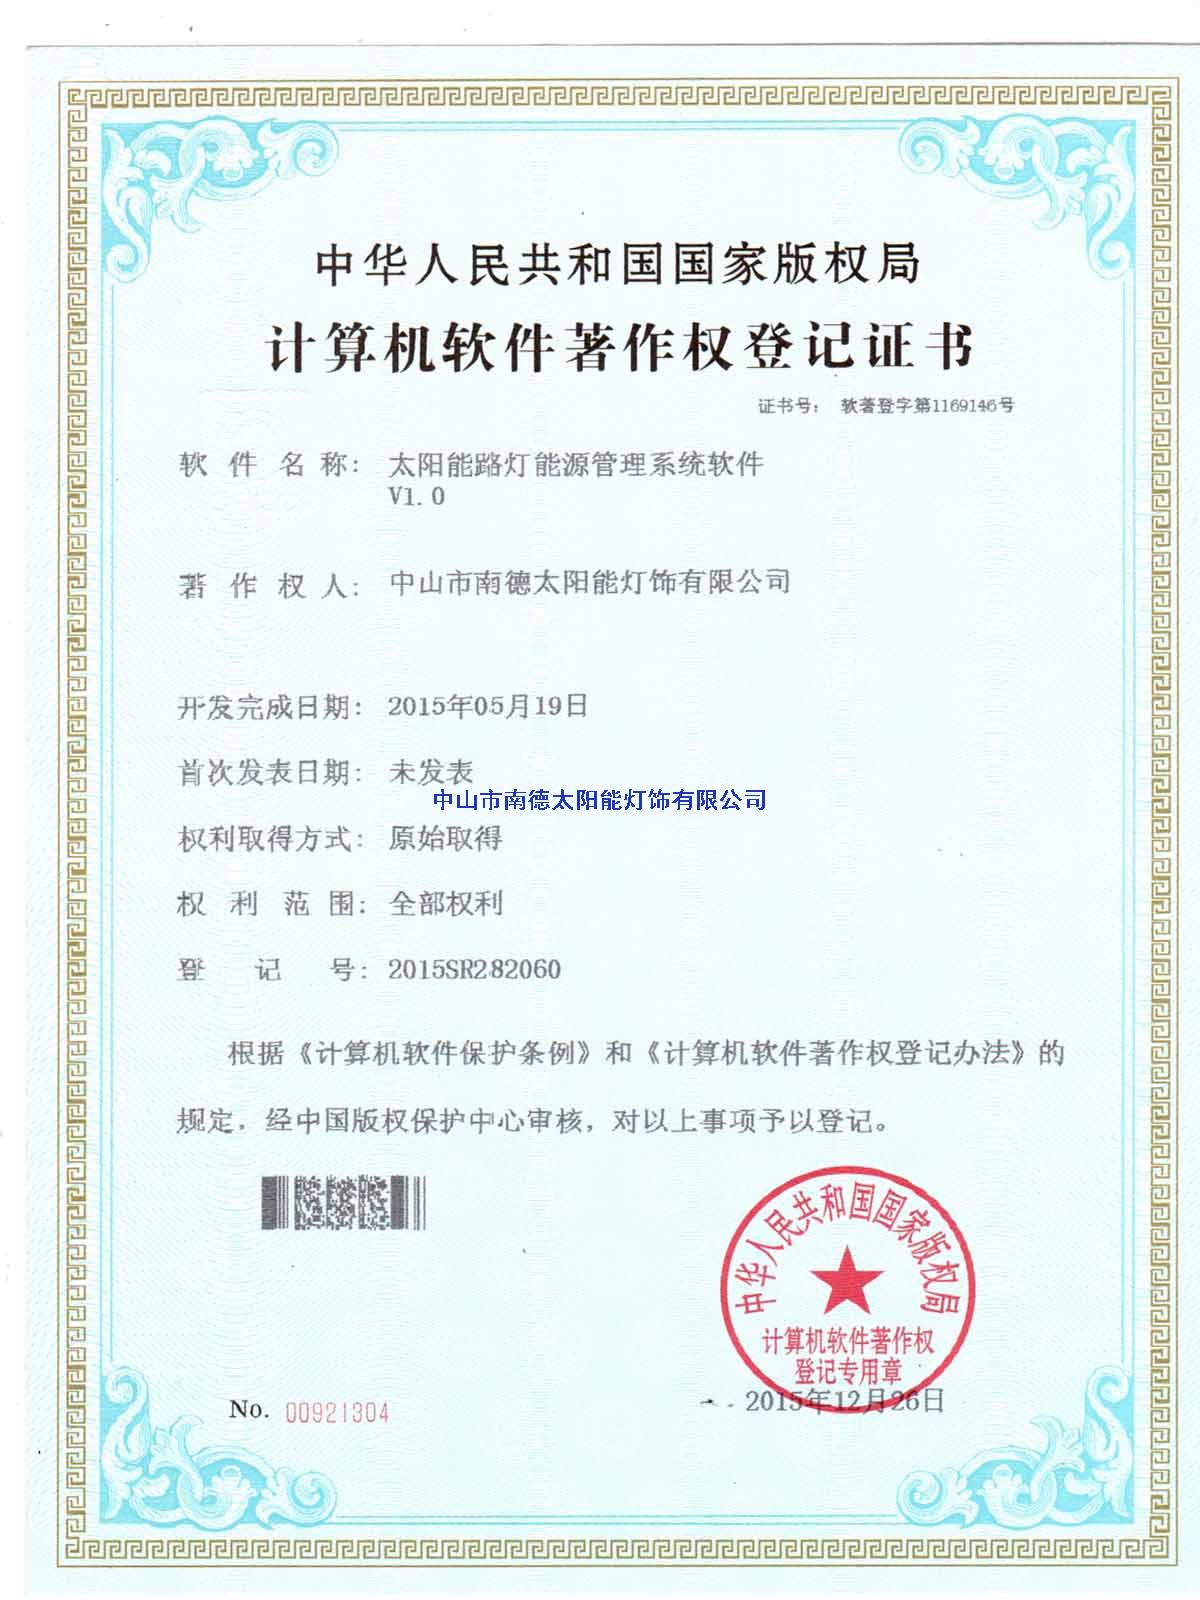 太阳能路灯能源管理系统软件登记证书2